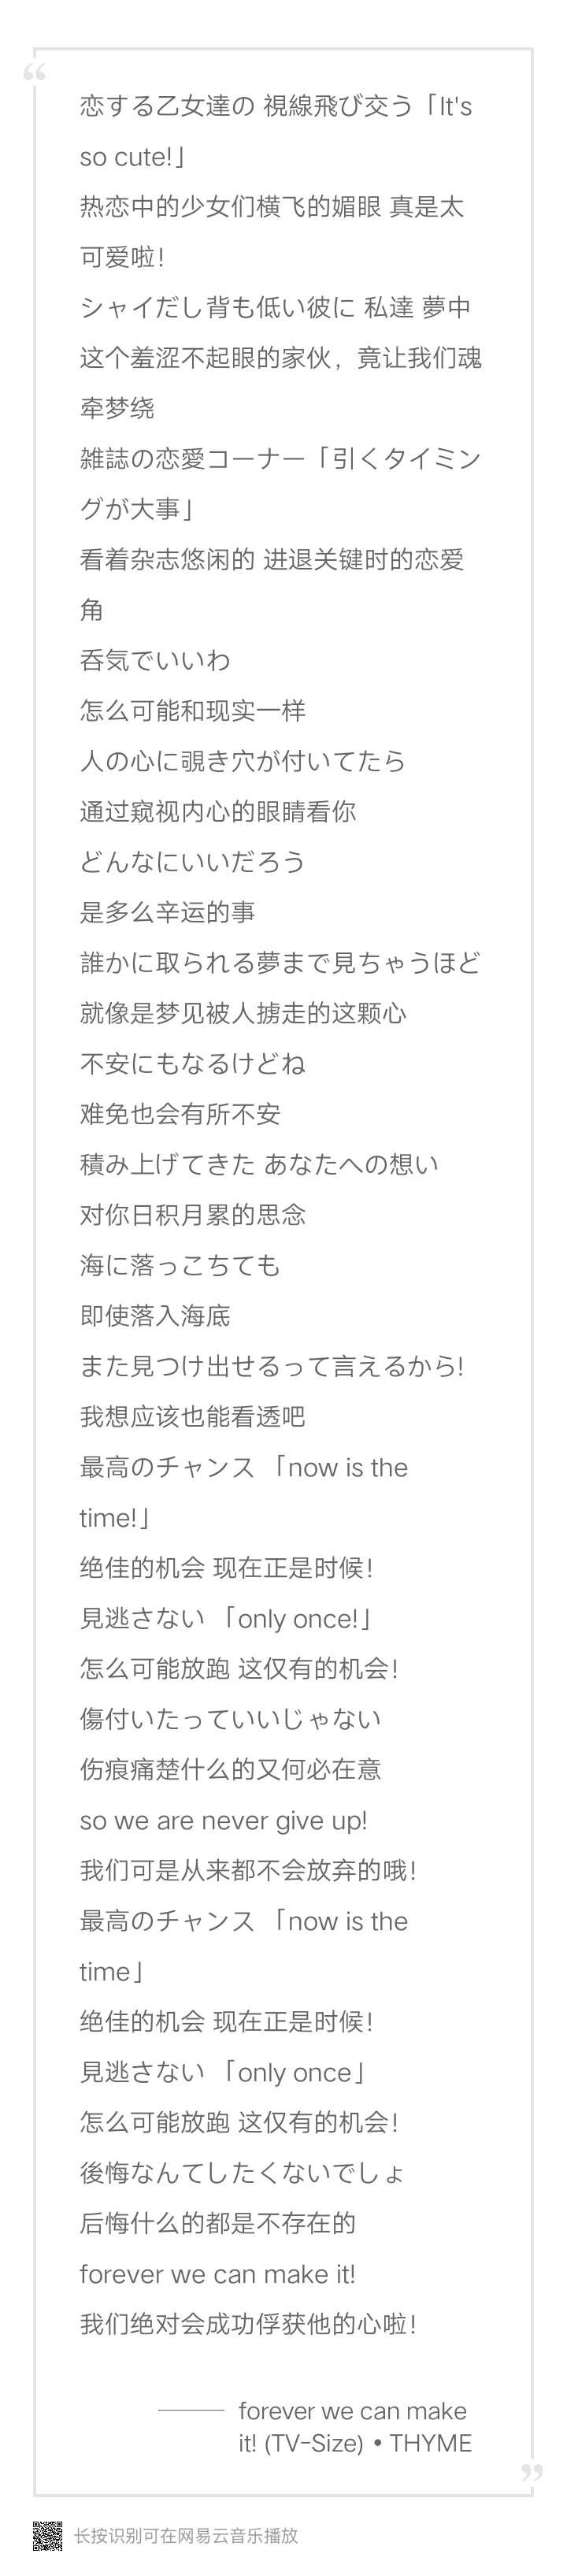 【音乐】forever we can make it!